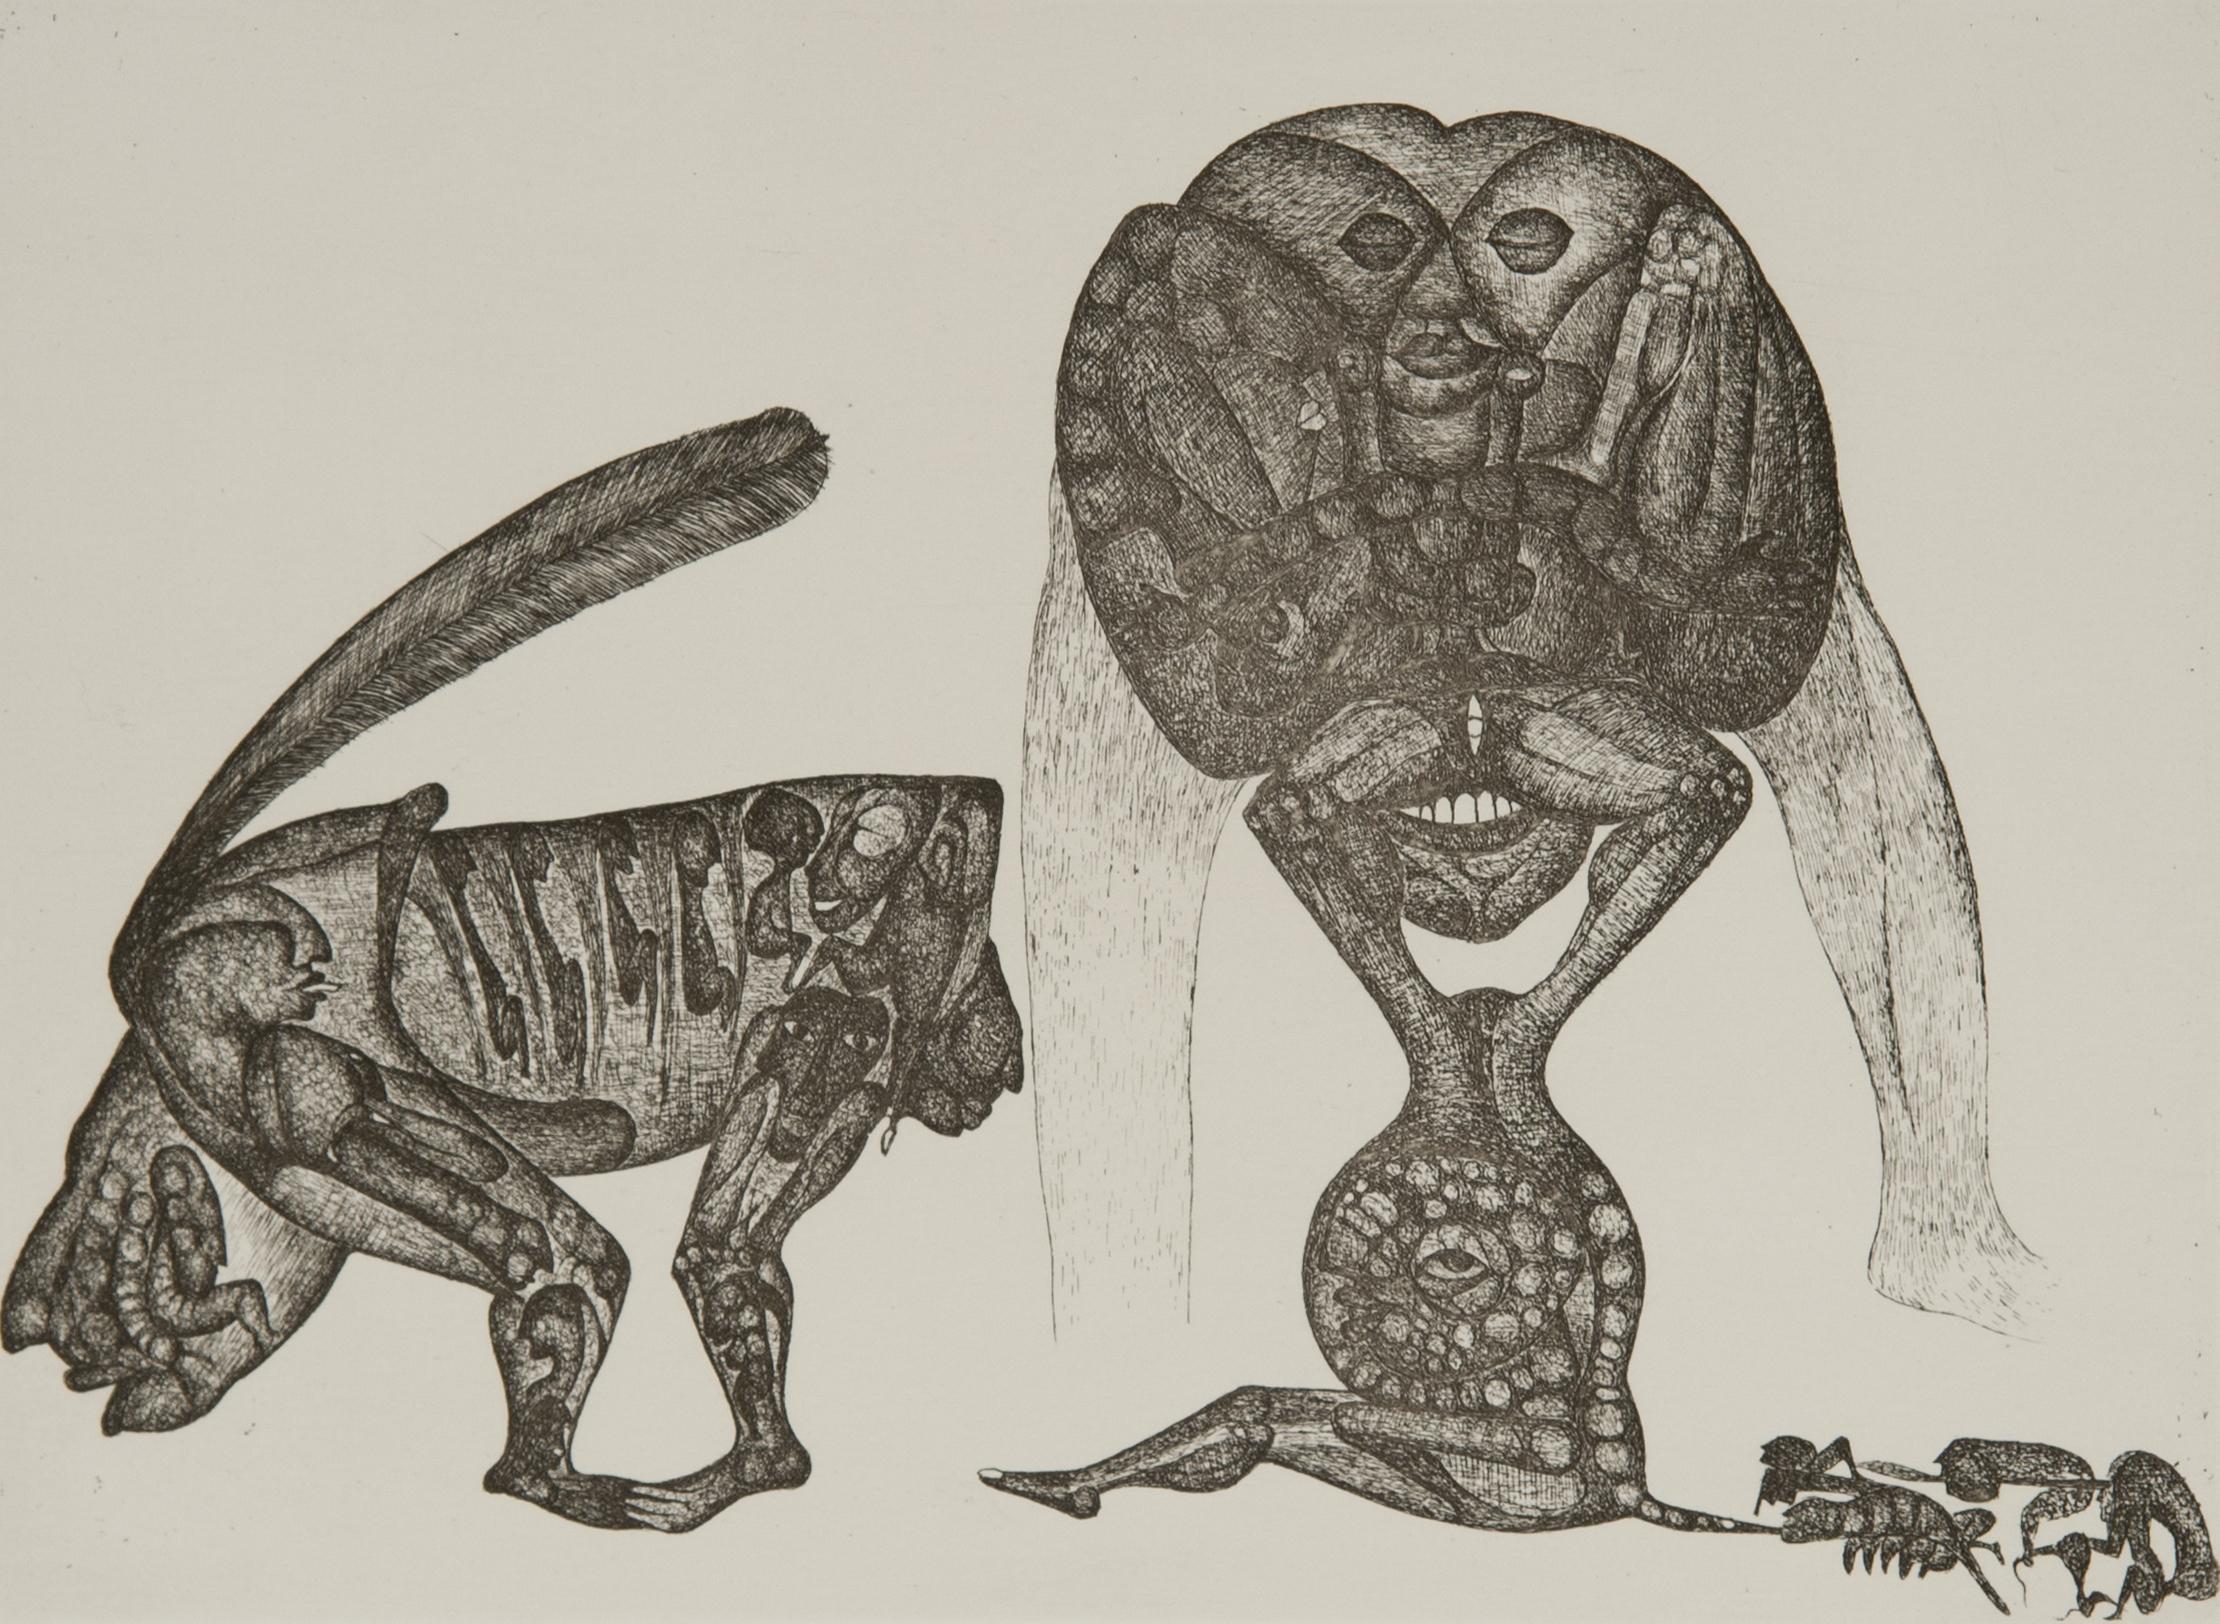 Cécile Reims, Sans titre, d'après un dessin de Fred Deux à l'encre de Chine, 1970, Eau-forte, 16,4 x